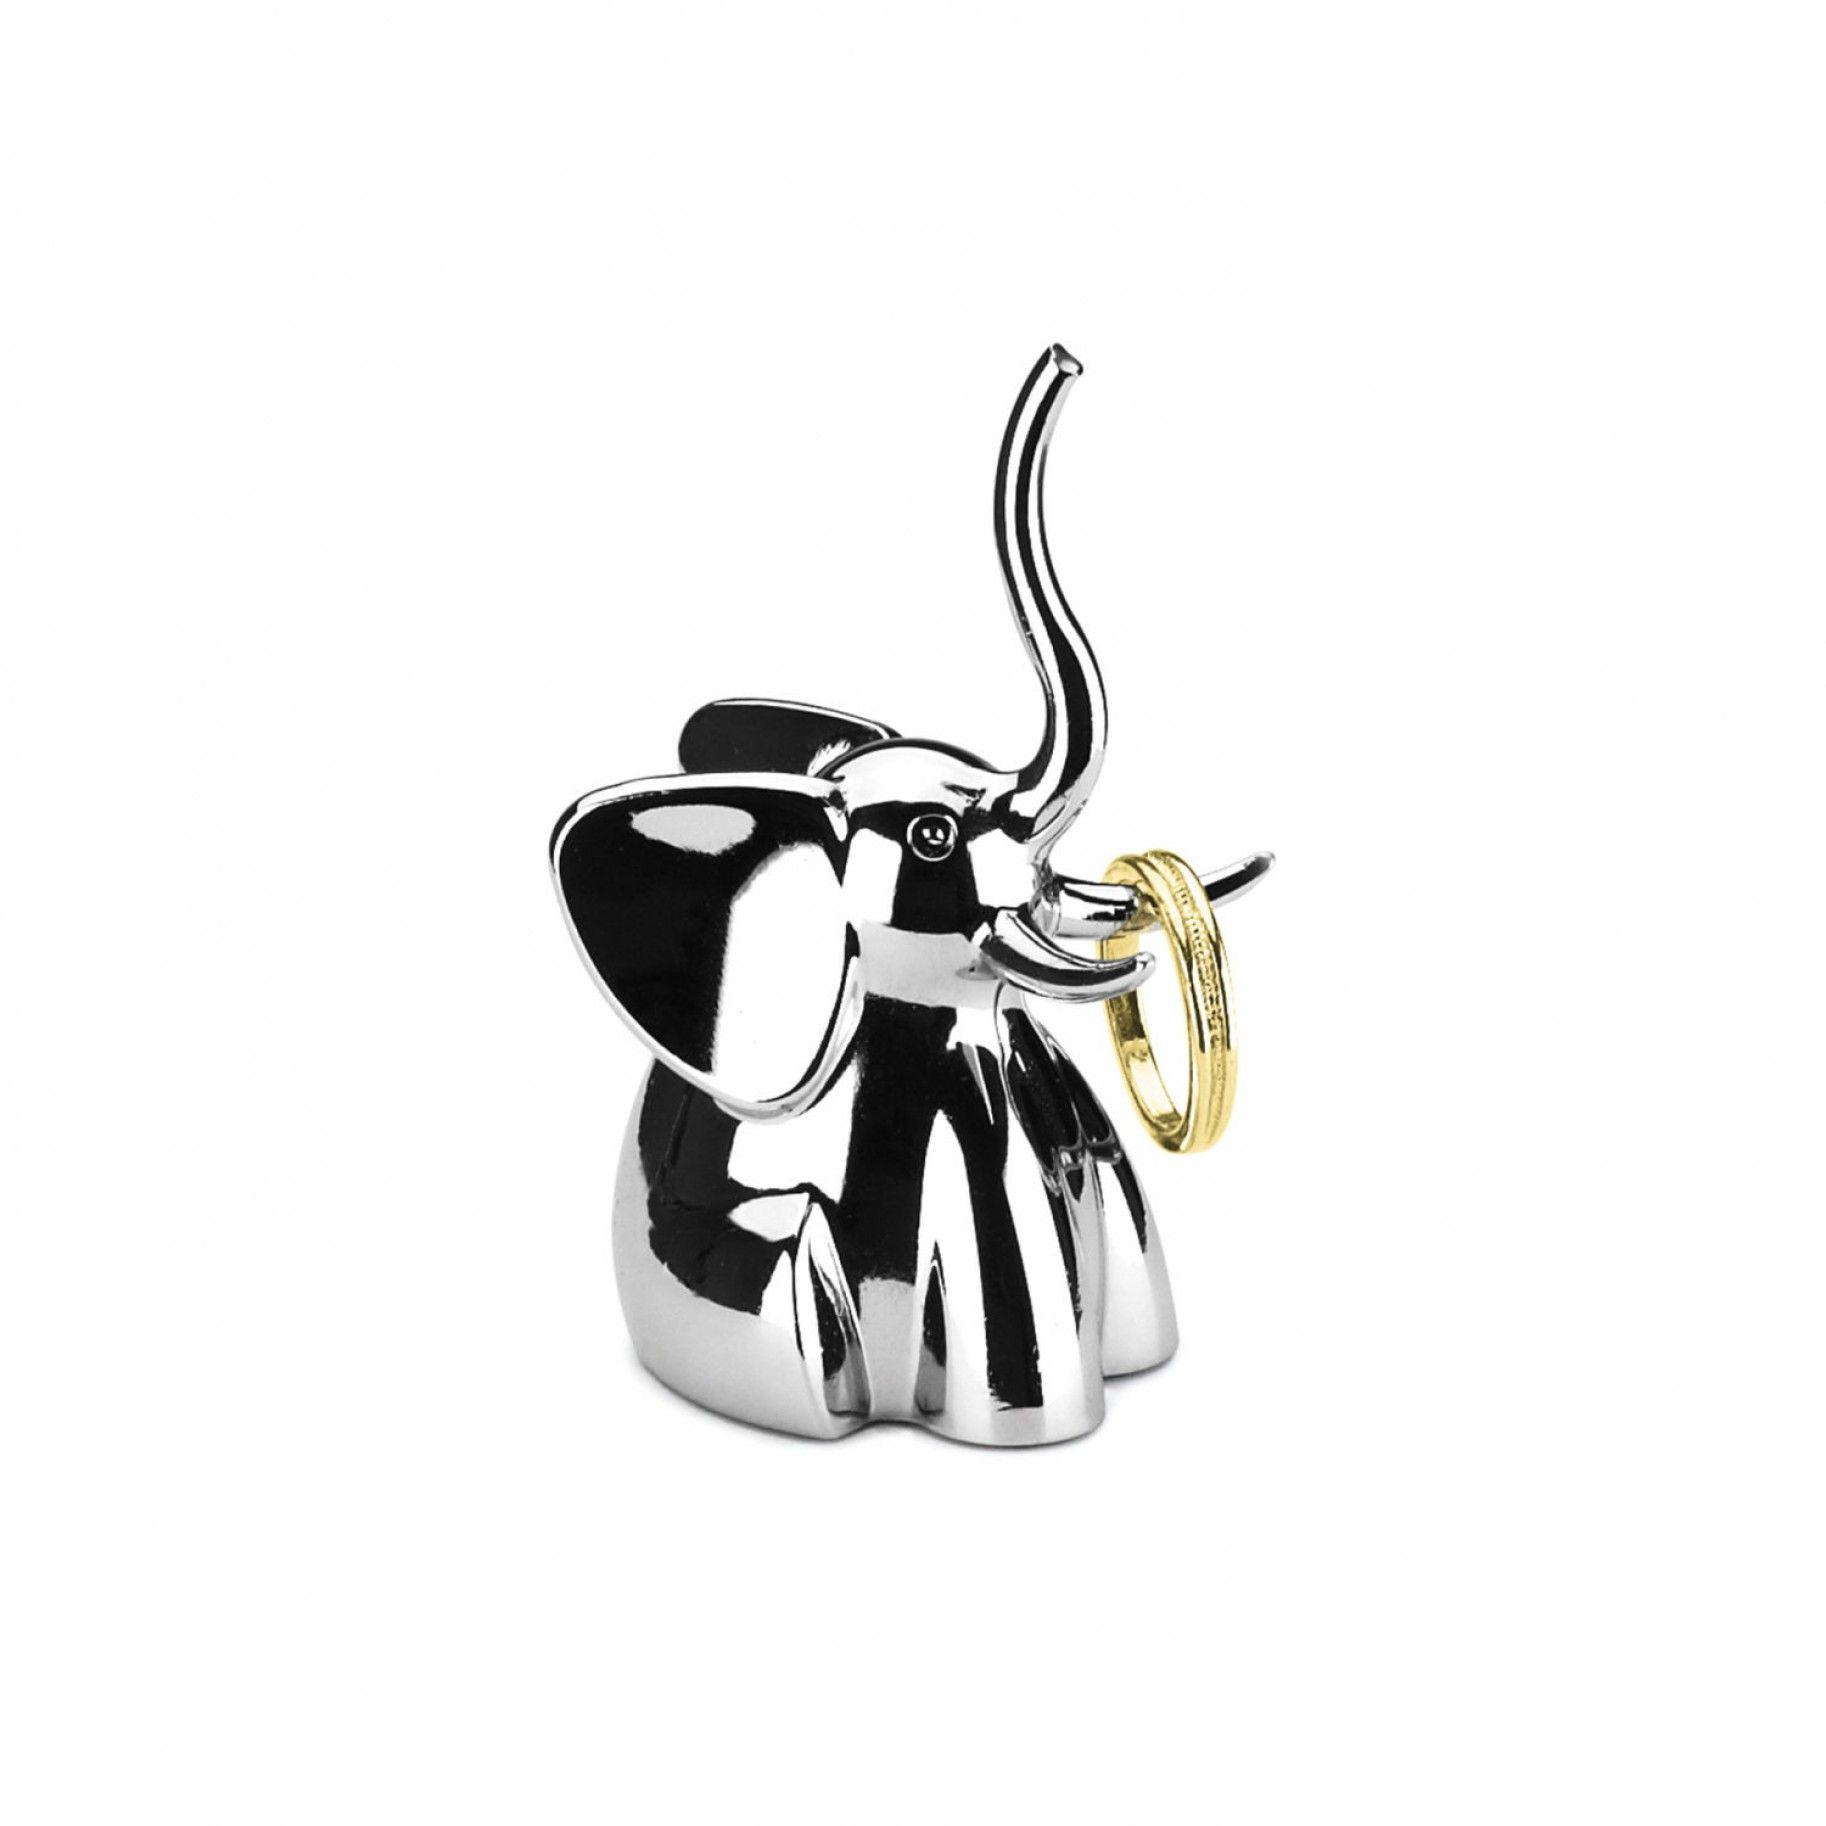 Ganz Elephant Ring Holder Home Decor